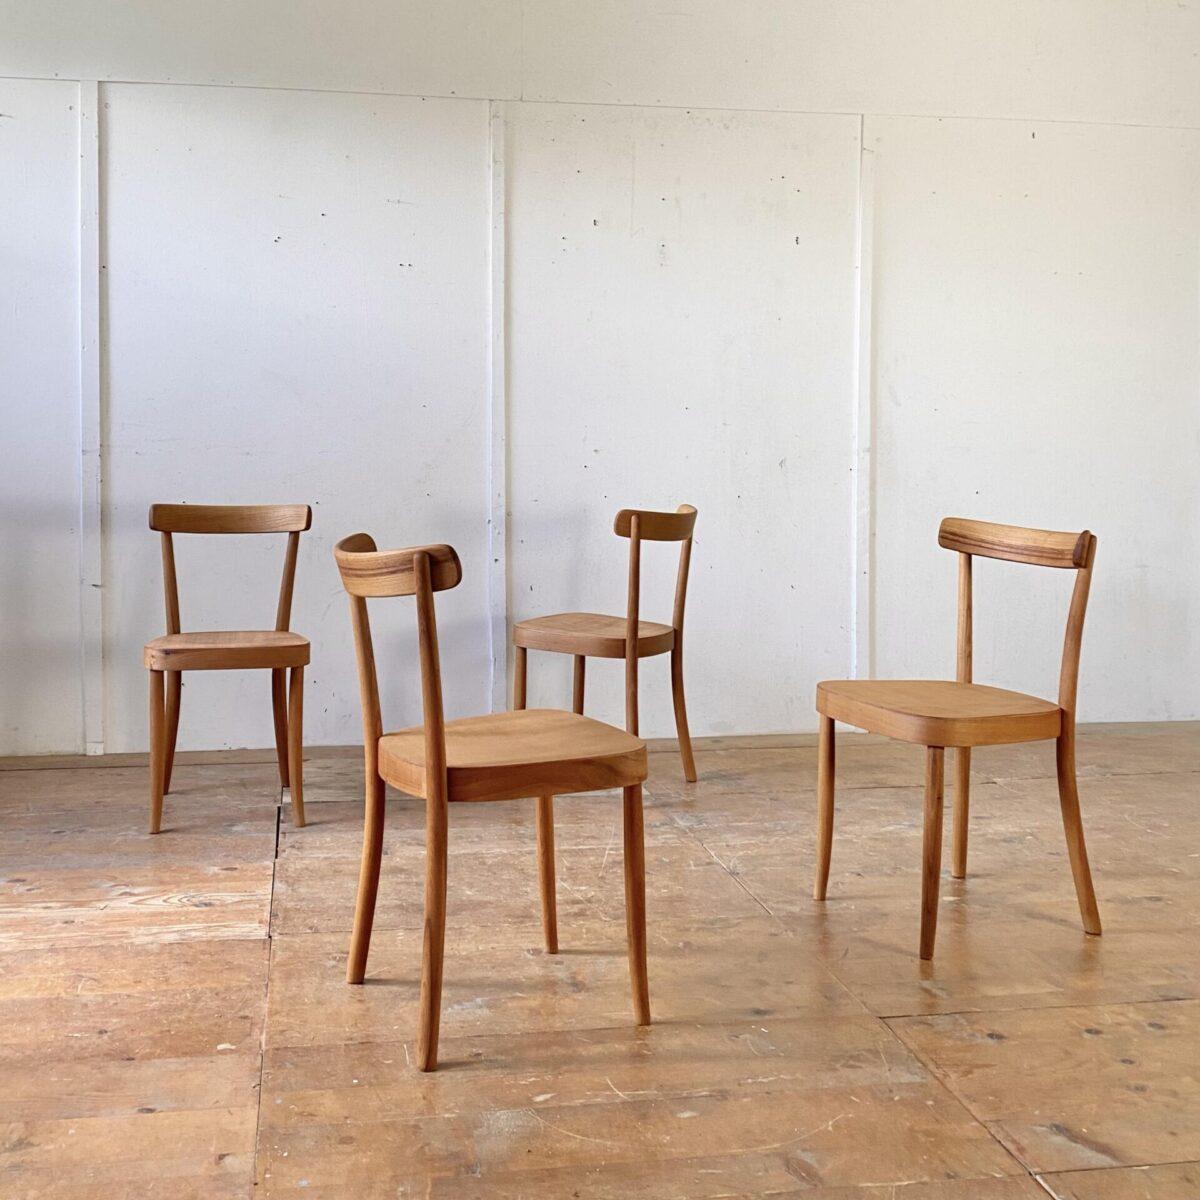 Horgenglarus Stühle von Werner Max Moser aus Ulmenholz. Die Stühle sind restauriert, alle defekten Sitzflächen wurden durch neue ersetzt. Die Holzoberflächen sind geschliffen und mit Naturöl behandelt. Wacklige Vorderbeine frisch eingeleimt. Die Stühle haben eine warme Ausstrahlung mit leichter Alterspatina. Bei zwei Stühlen ist jeweils ein Hinterbein durchgehend verschraubt, und mit einem Holzzapfen verdeckt. Der Preis gilt pro Stuhl.